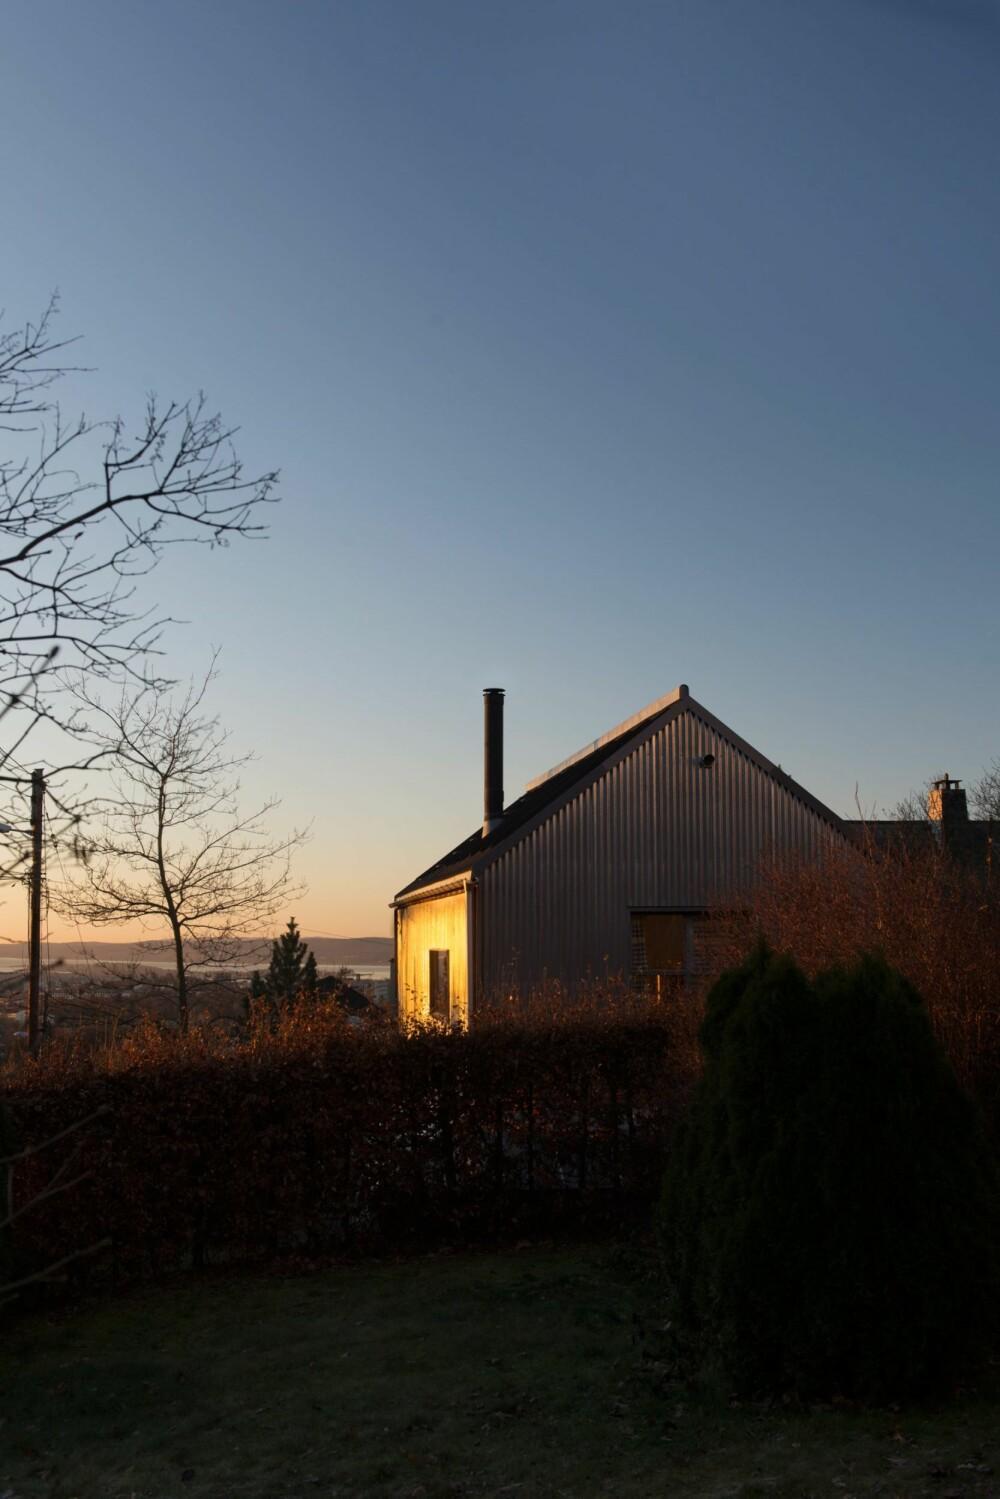 METALLISK GLØD: Strålene fra morgensolen reflekteres fra fasaden med en sjelden glans.